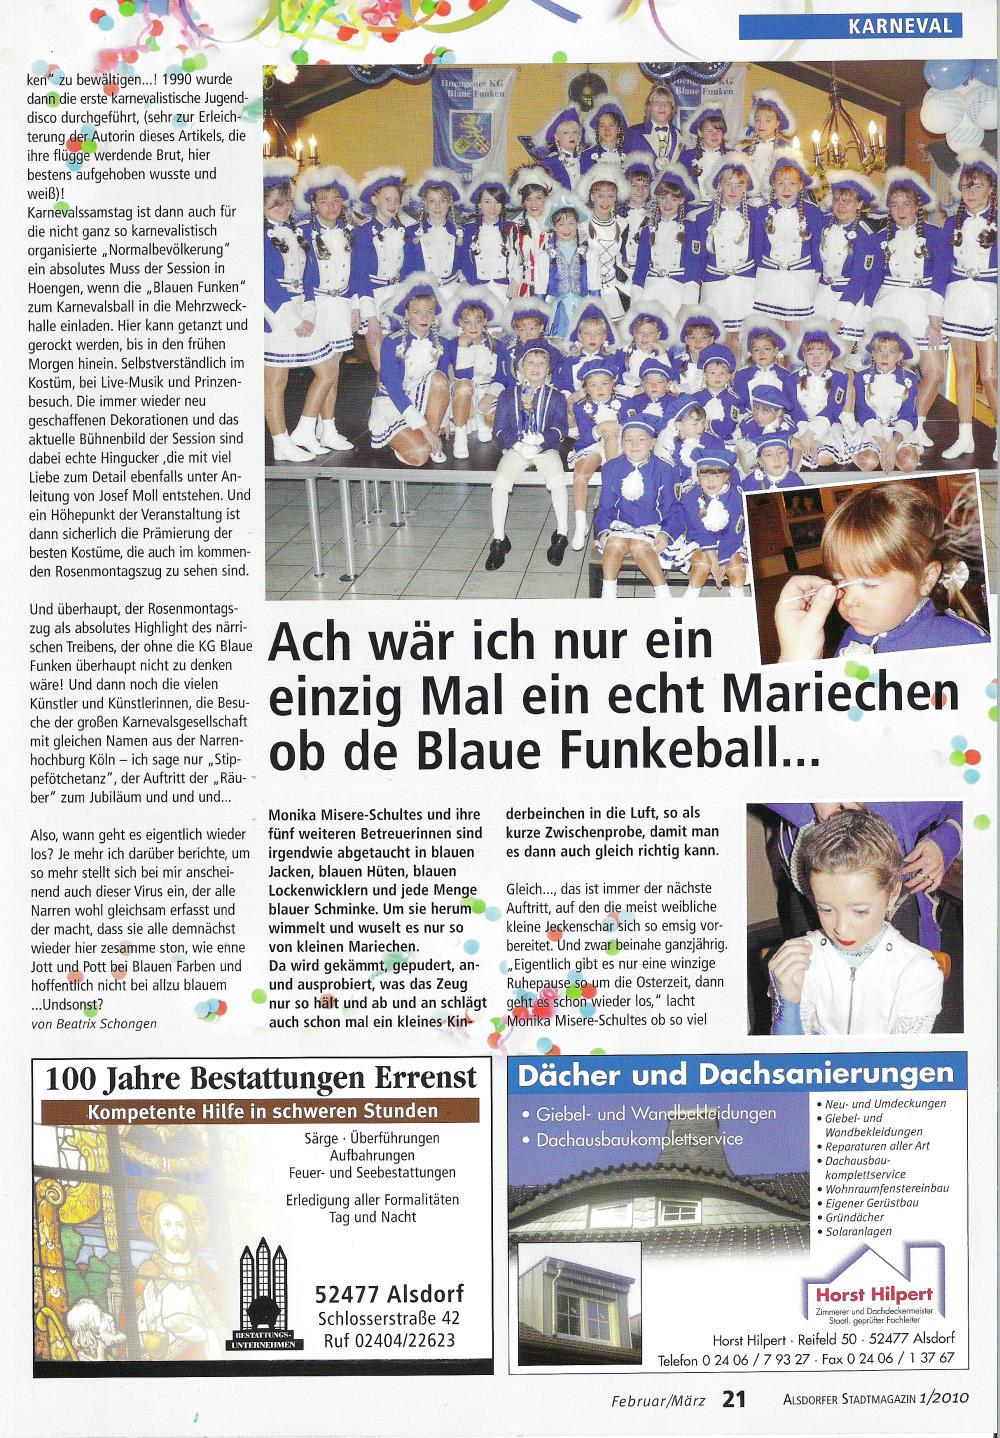 Stadtmagazin Und sonst?! Ausgabe 1/2010 Seite 21